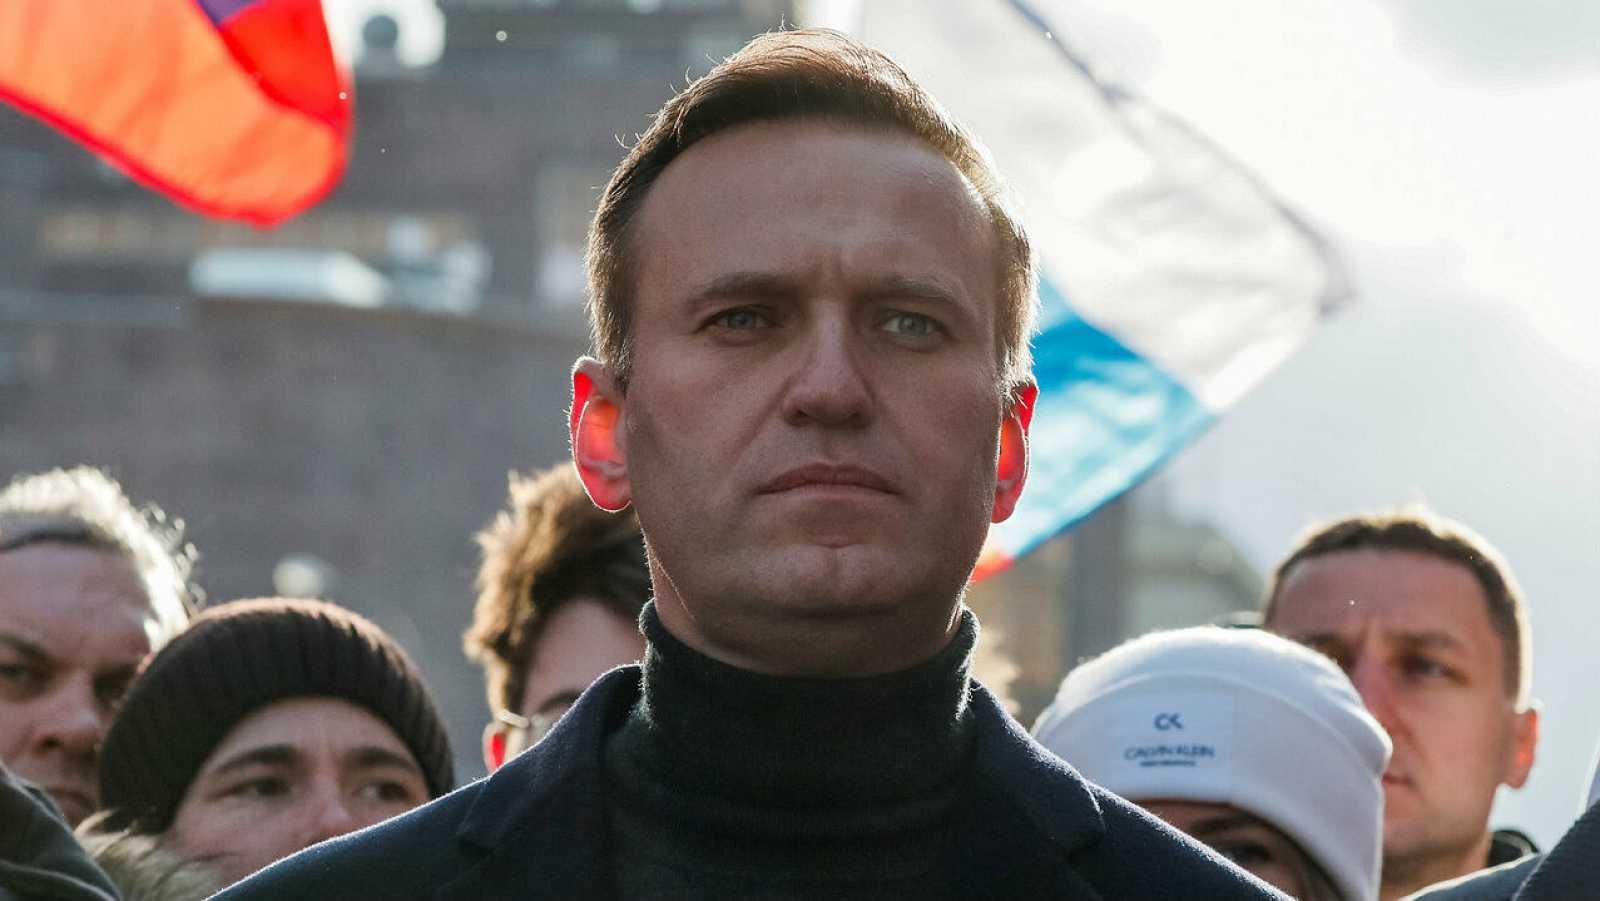 El político opositor ruso Alexei Navalny participa en una manifestación para conmemorar el quinto aniversario del asesinato del político opositor Boris Nemtsov.